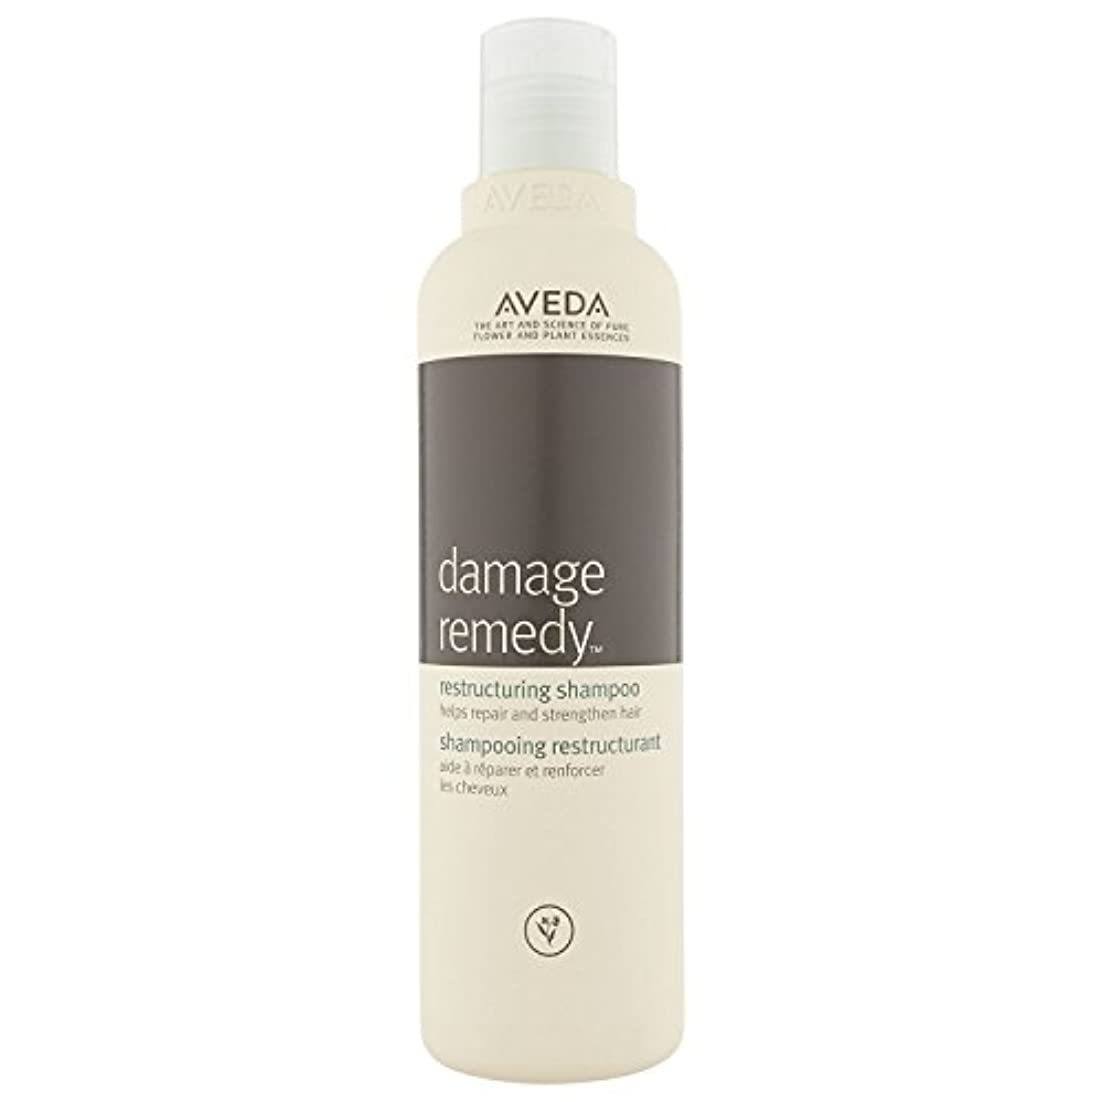 あいまい傾向がある冷淡な[AVEDA] アヴェダダメージ救済再編シャンプー250ミリリットル - Aveda Damage Remedy Restructuring Shampoo 250 ml [並行輸入品]